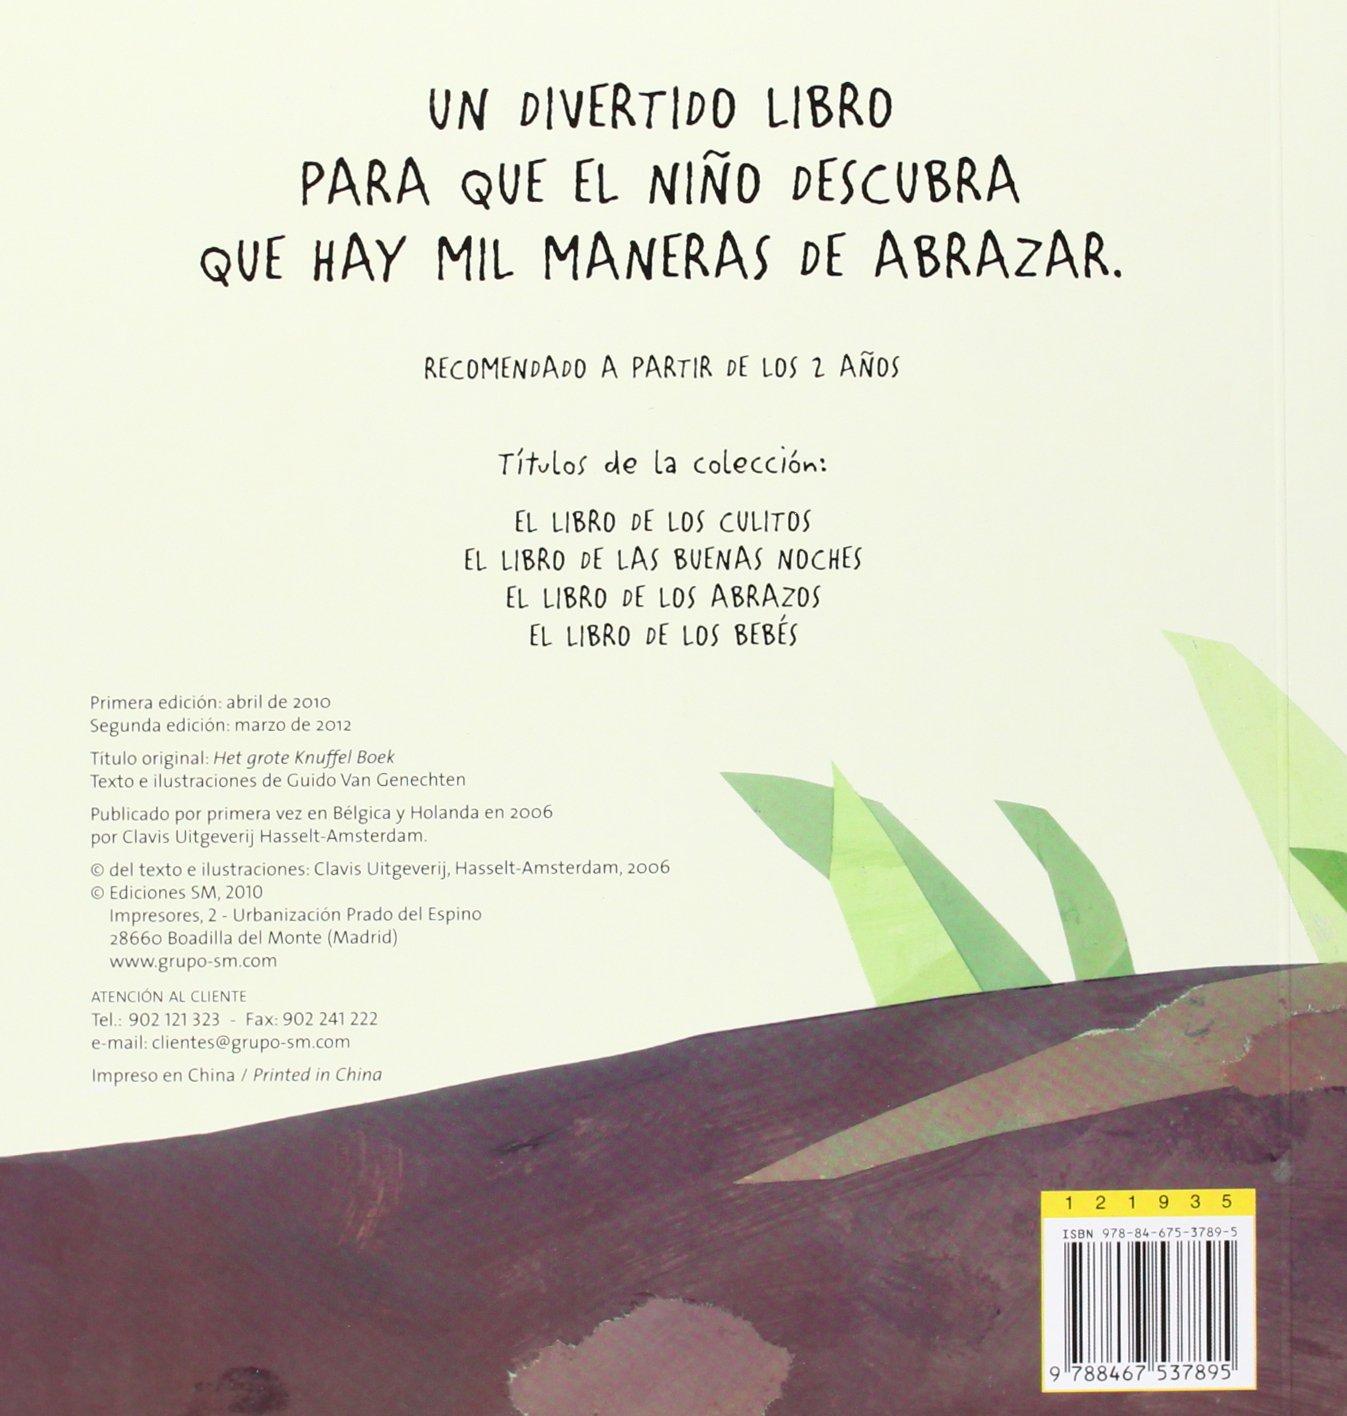 El libro de los abrazos (Libros de cartón): Amazon.es: Guido van Genechten:  Libros